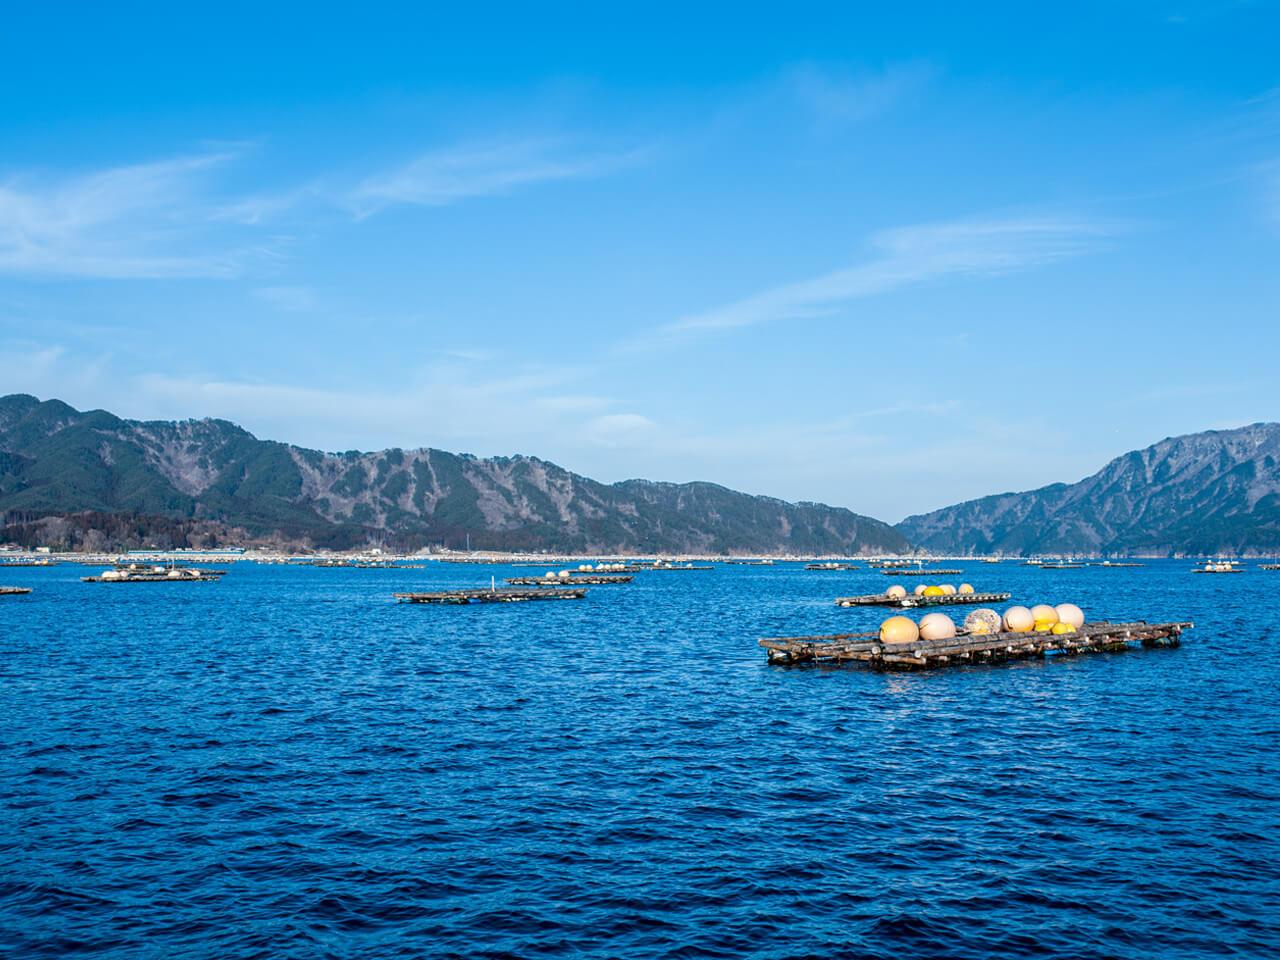 山田湾に浮かぶ養殖筏